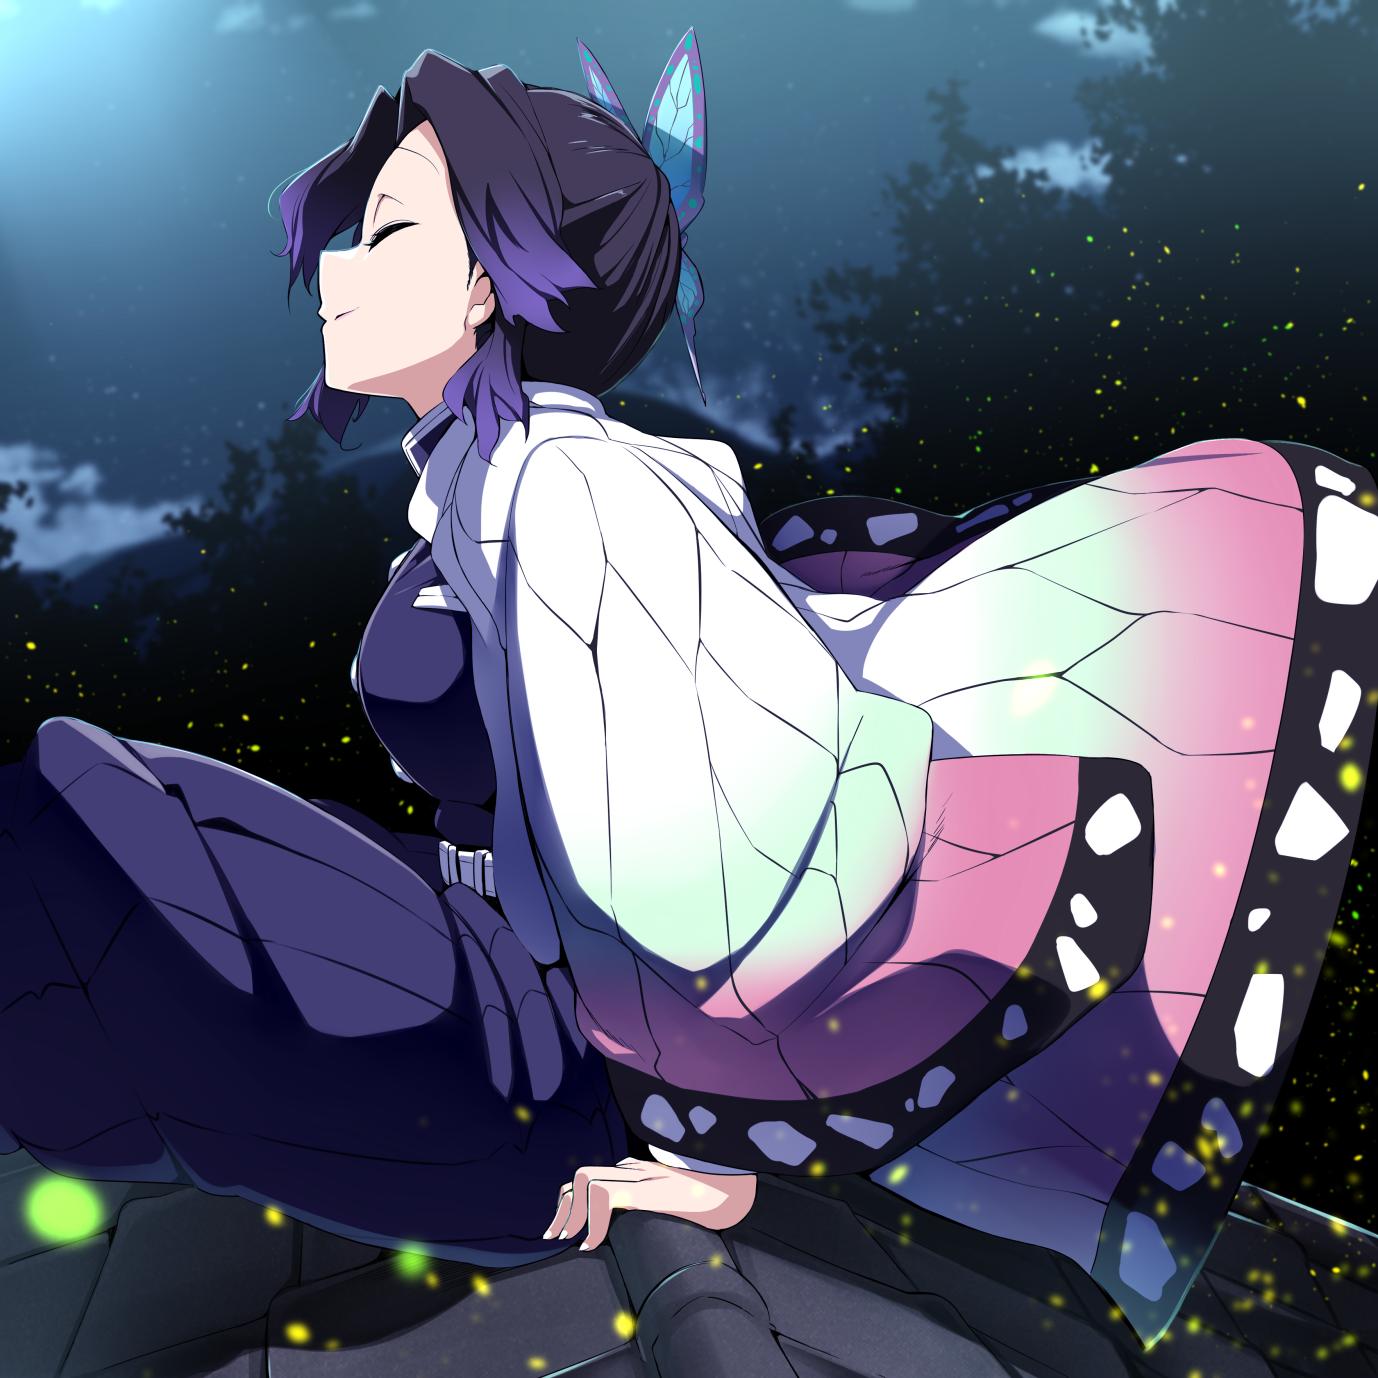 On a roof with Shinobu [Kimetsu no Yaiba]